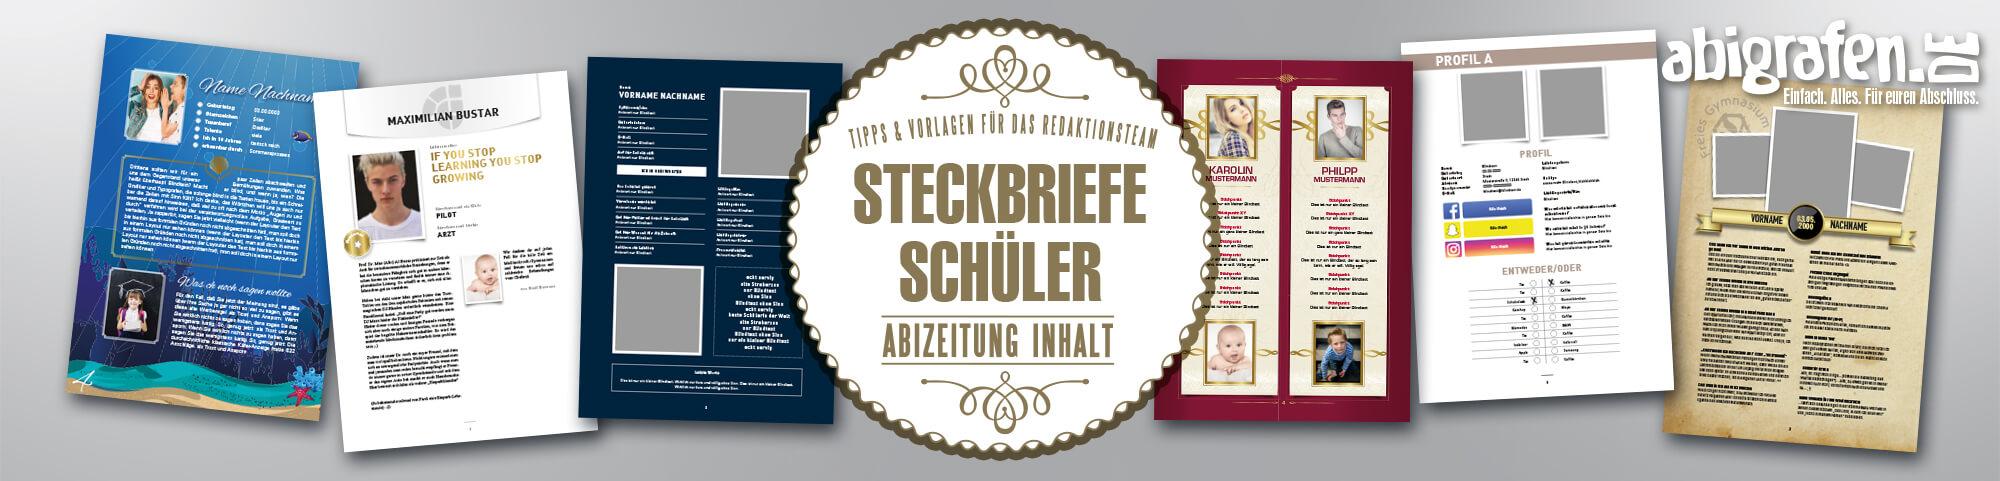 Abizeitung Steckbriefe Gestalten Jilster 12 7